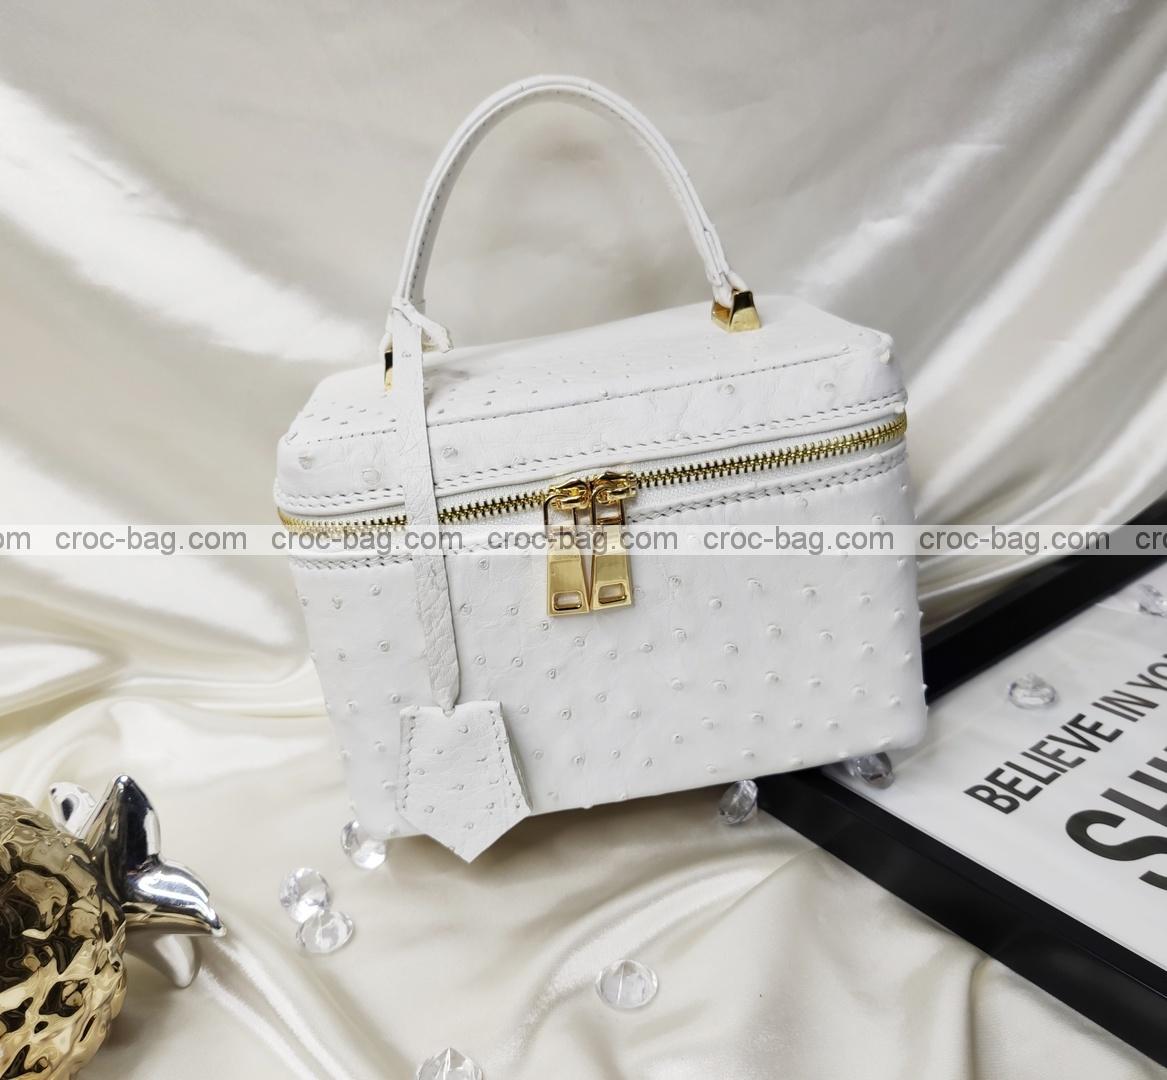 กระเป๋าหนังนกกระจอกเทศหรับผู้หญิง 5649